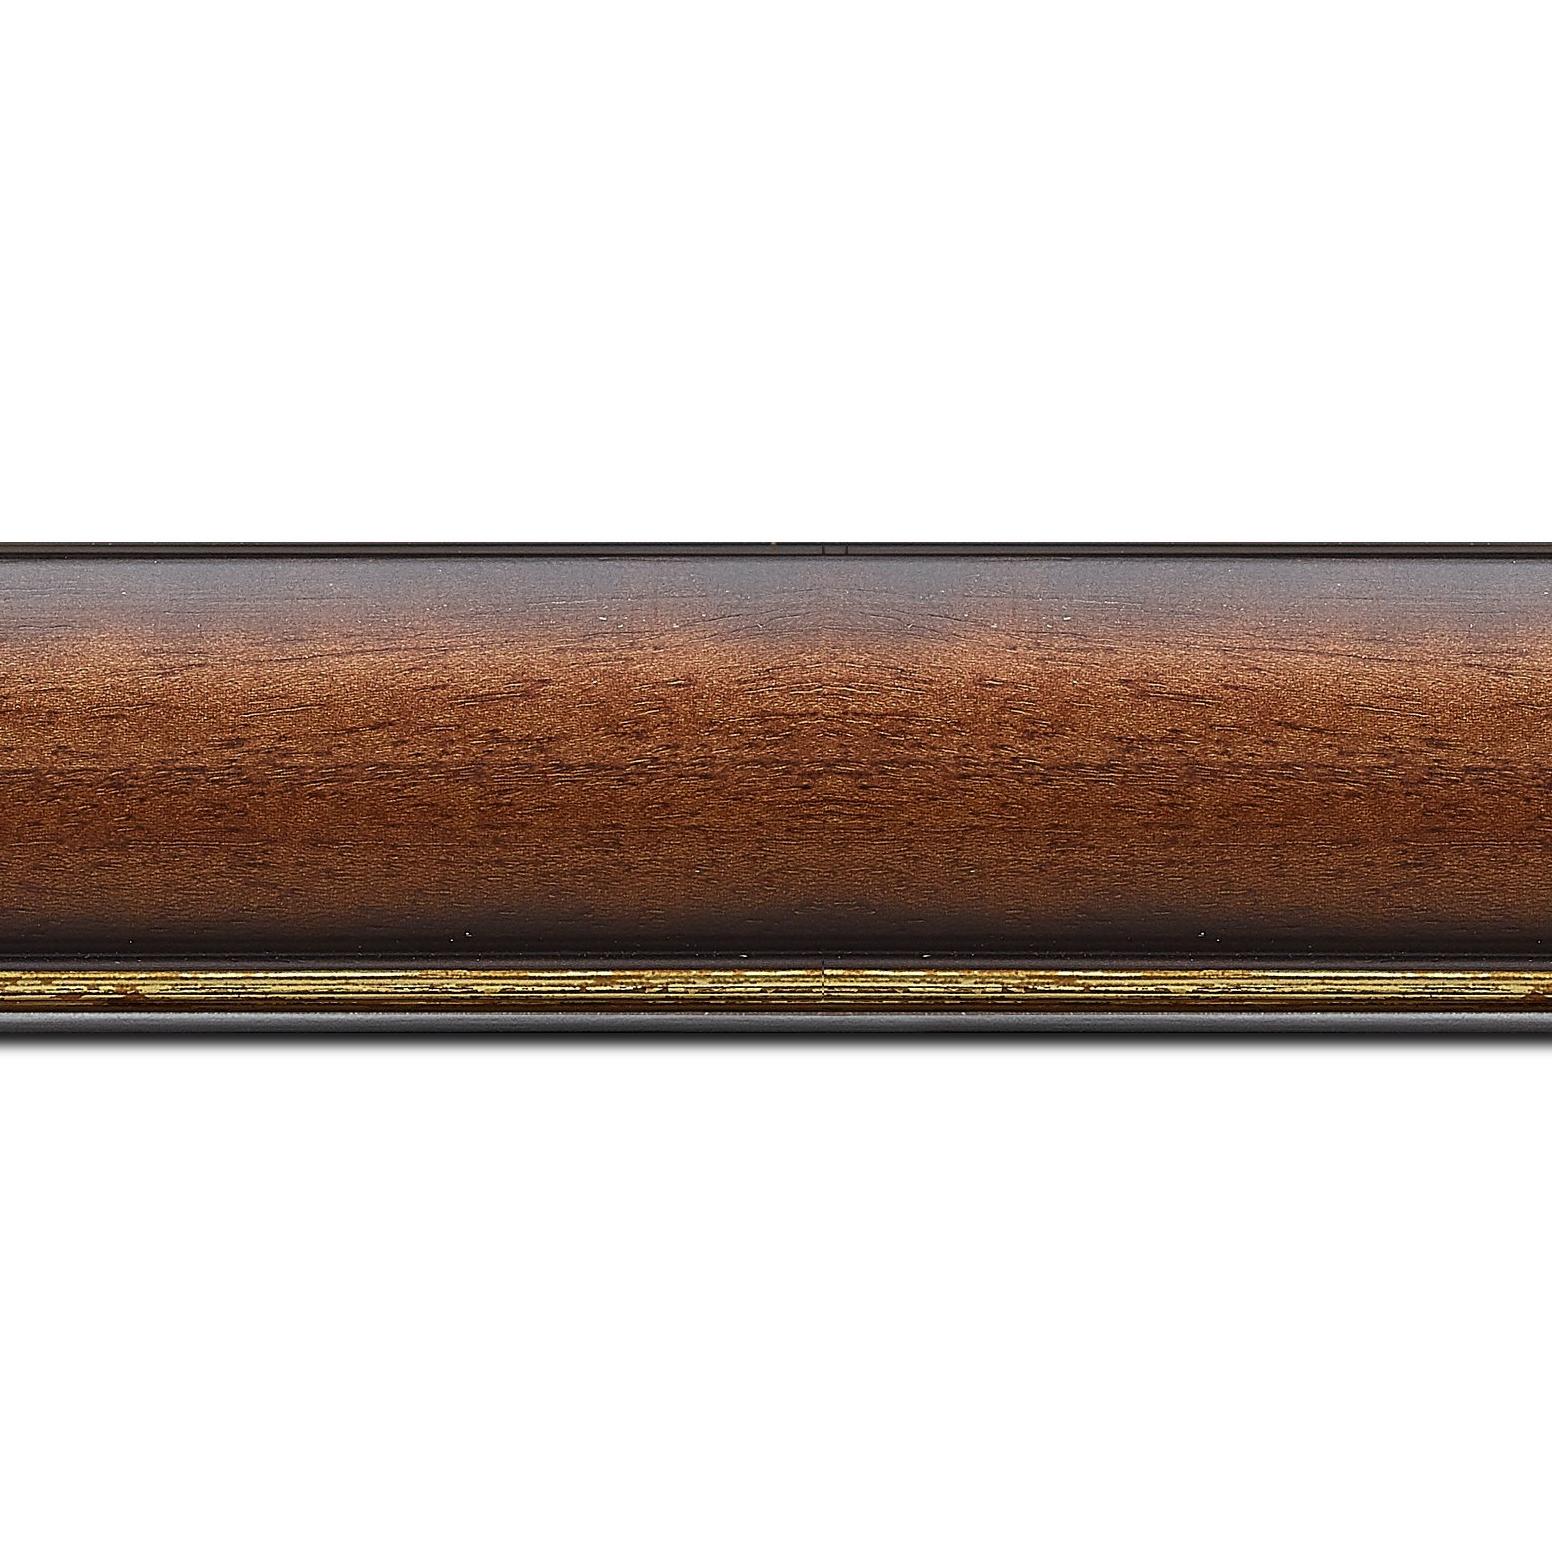 Baguette longueur 1.40m bois profil arrondi largeur 4.7cm couleur marron rustique filet or